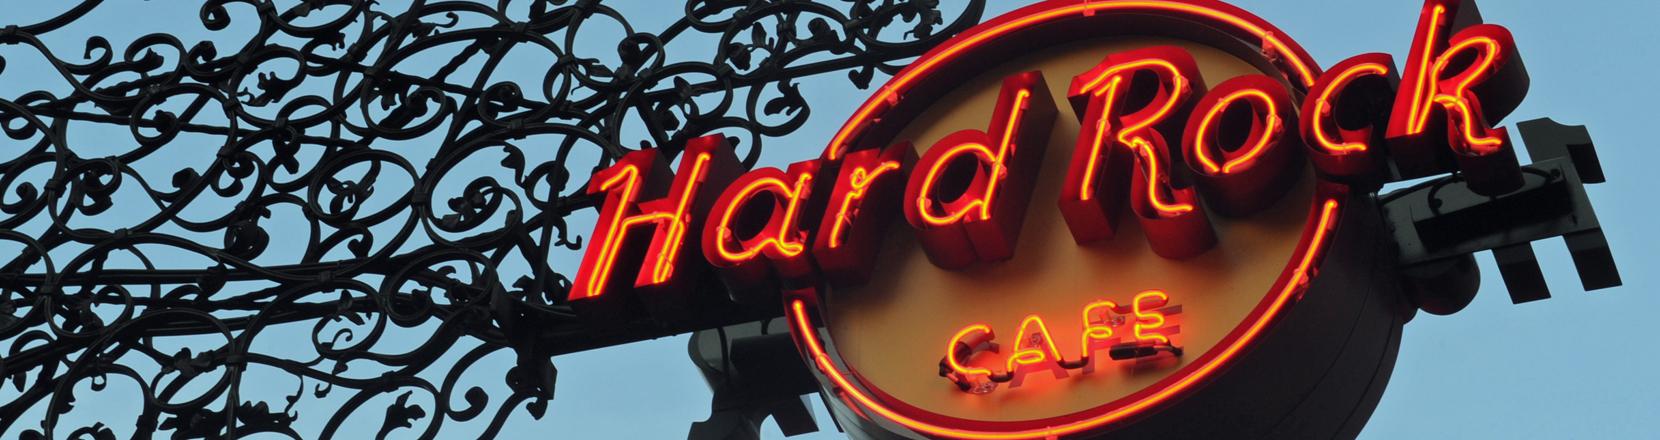 Türschild eines Hard Rock Cafes